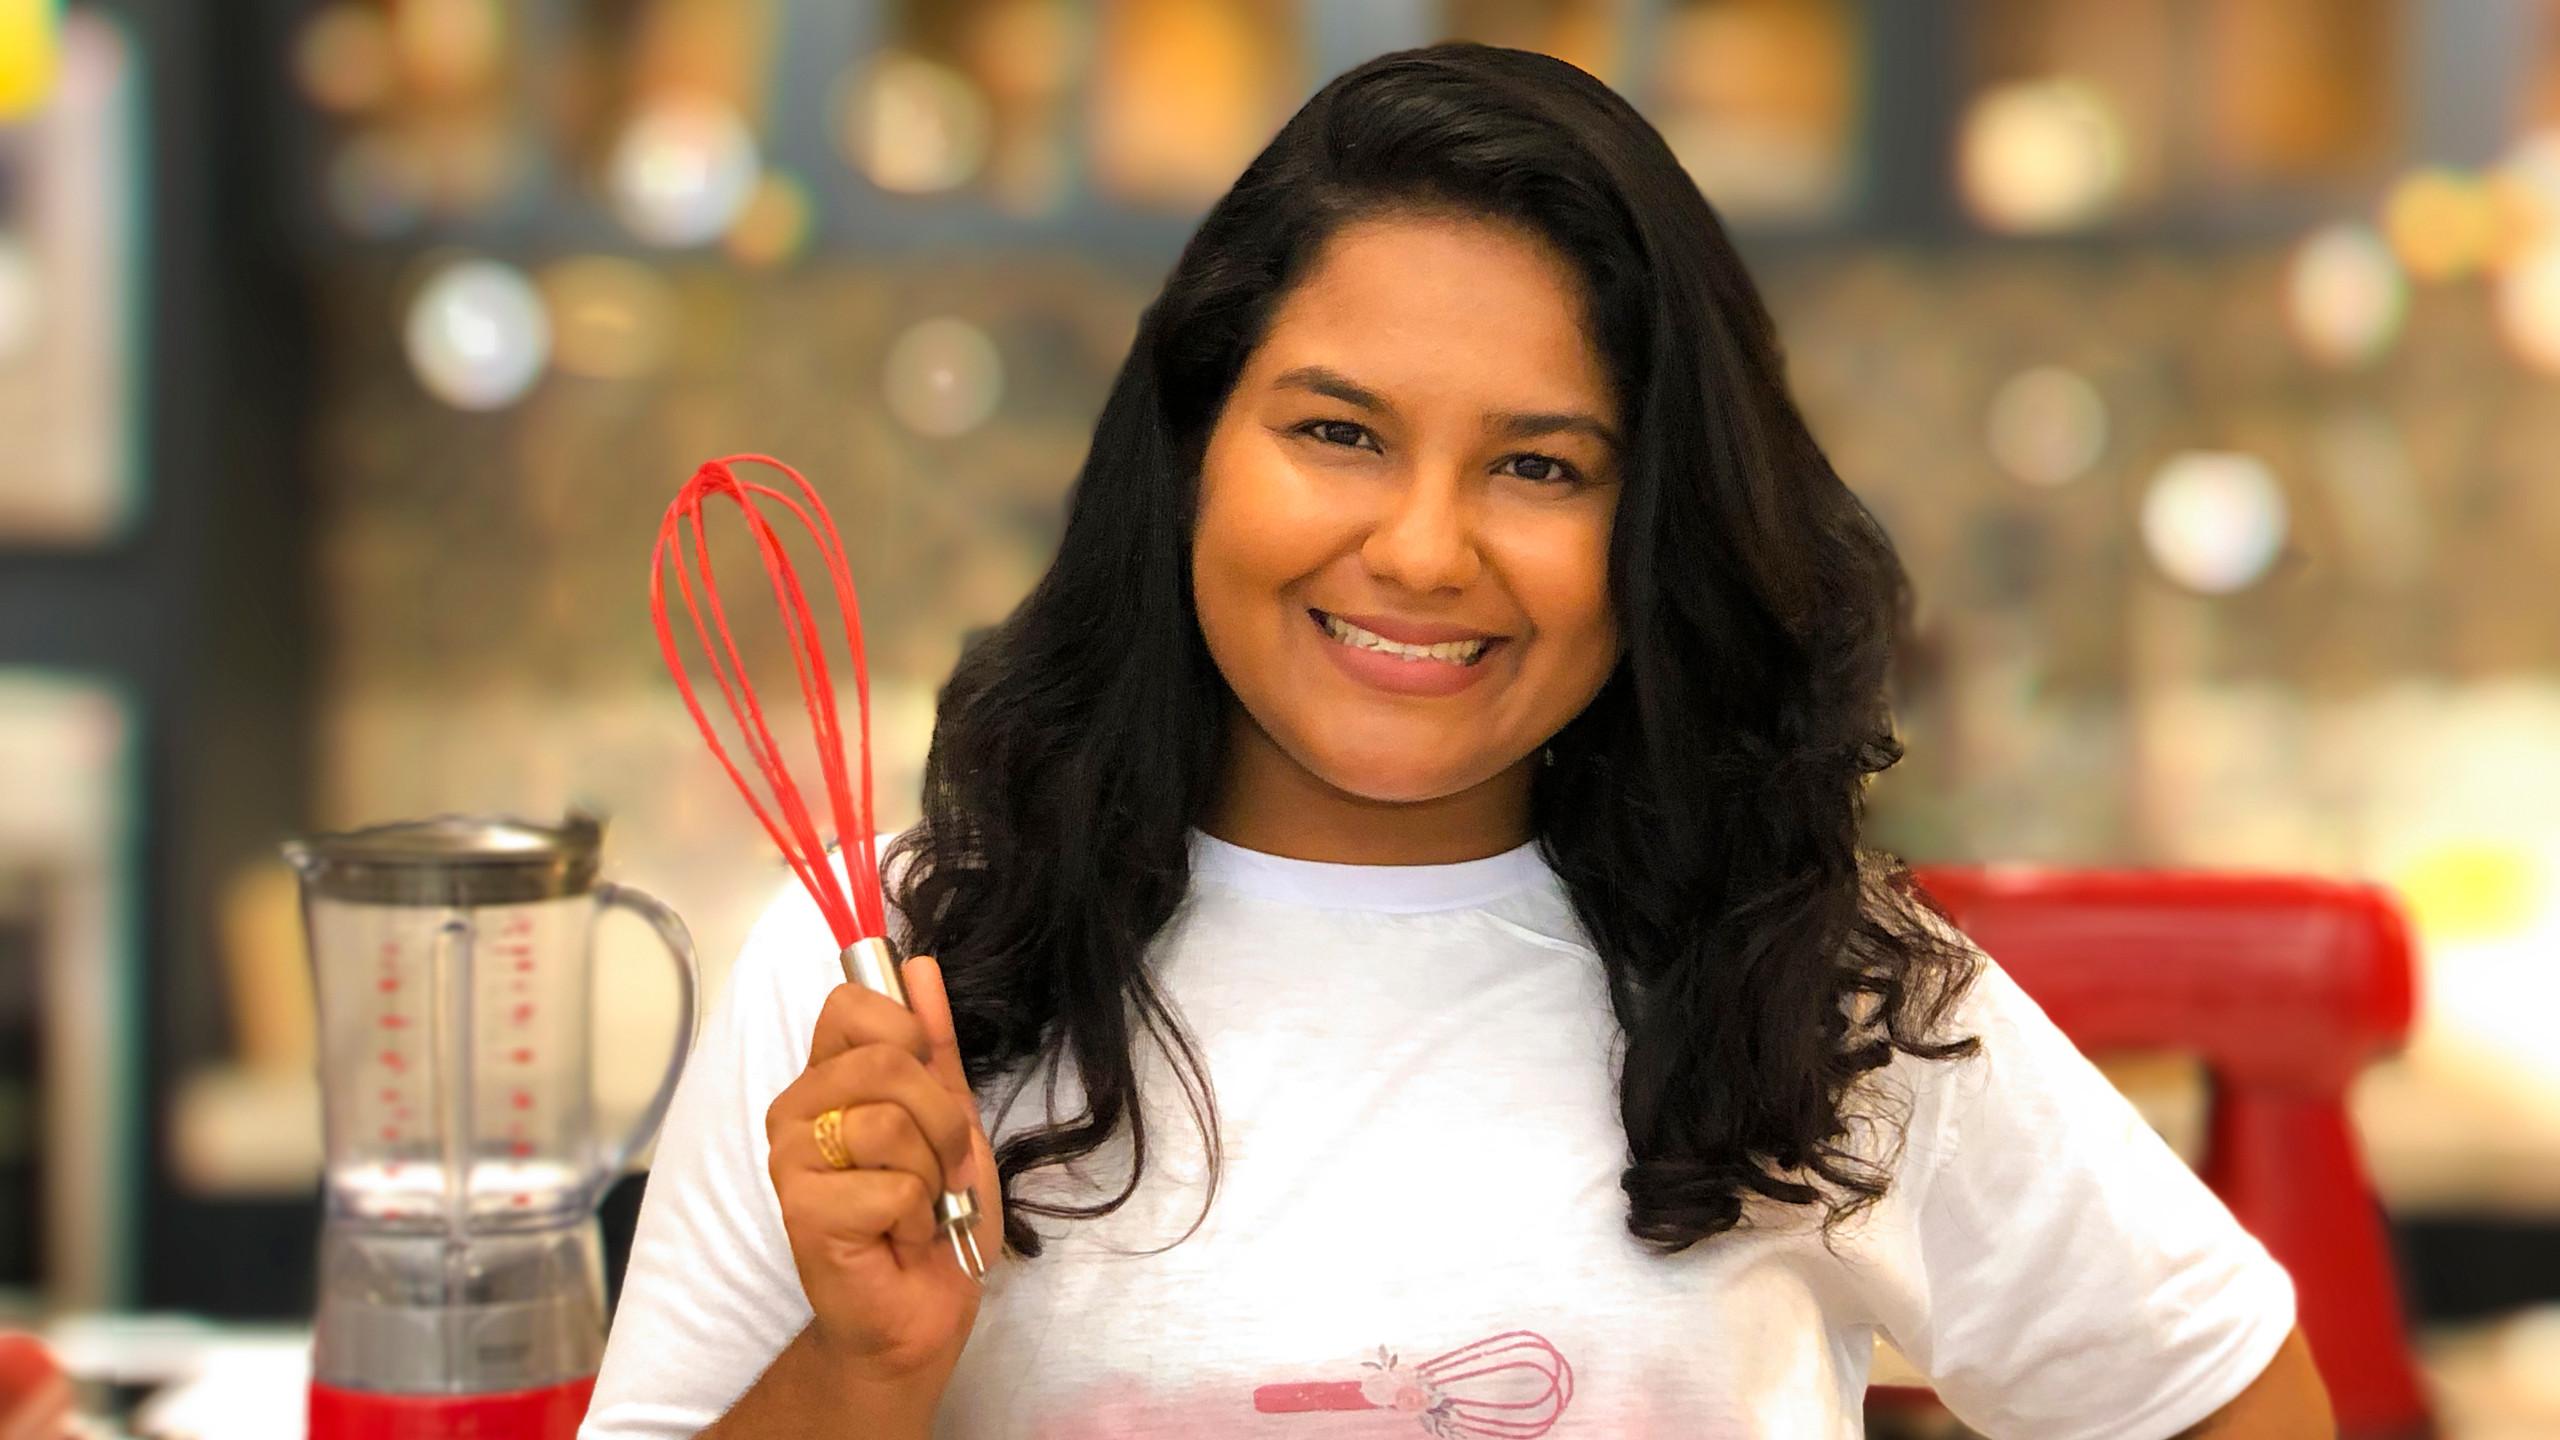 A facilitadora Wellen Khrisna (Delícias da Wellen) que vai comandar o curso gratuito de Dindin Gourmet na Cozinha Potiguar nesse sábado (03.08).